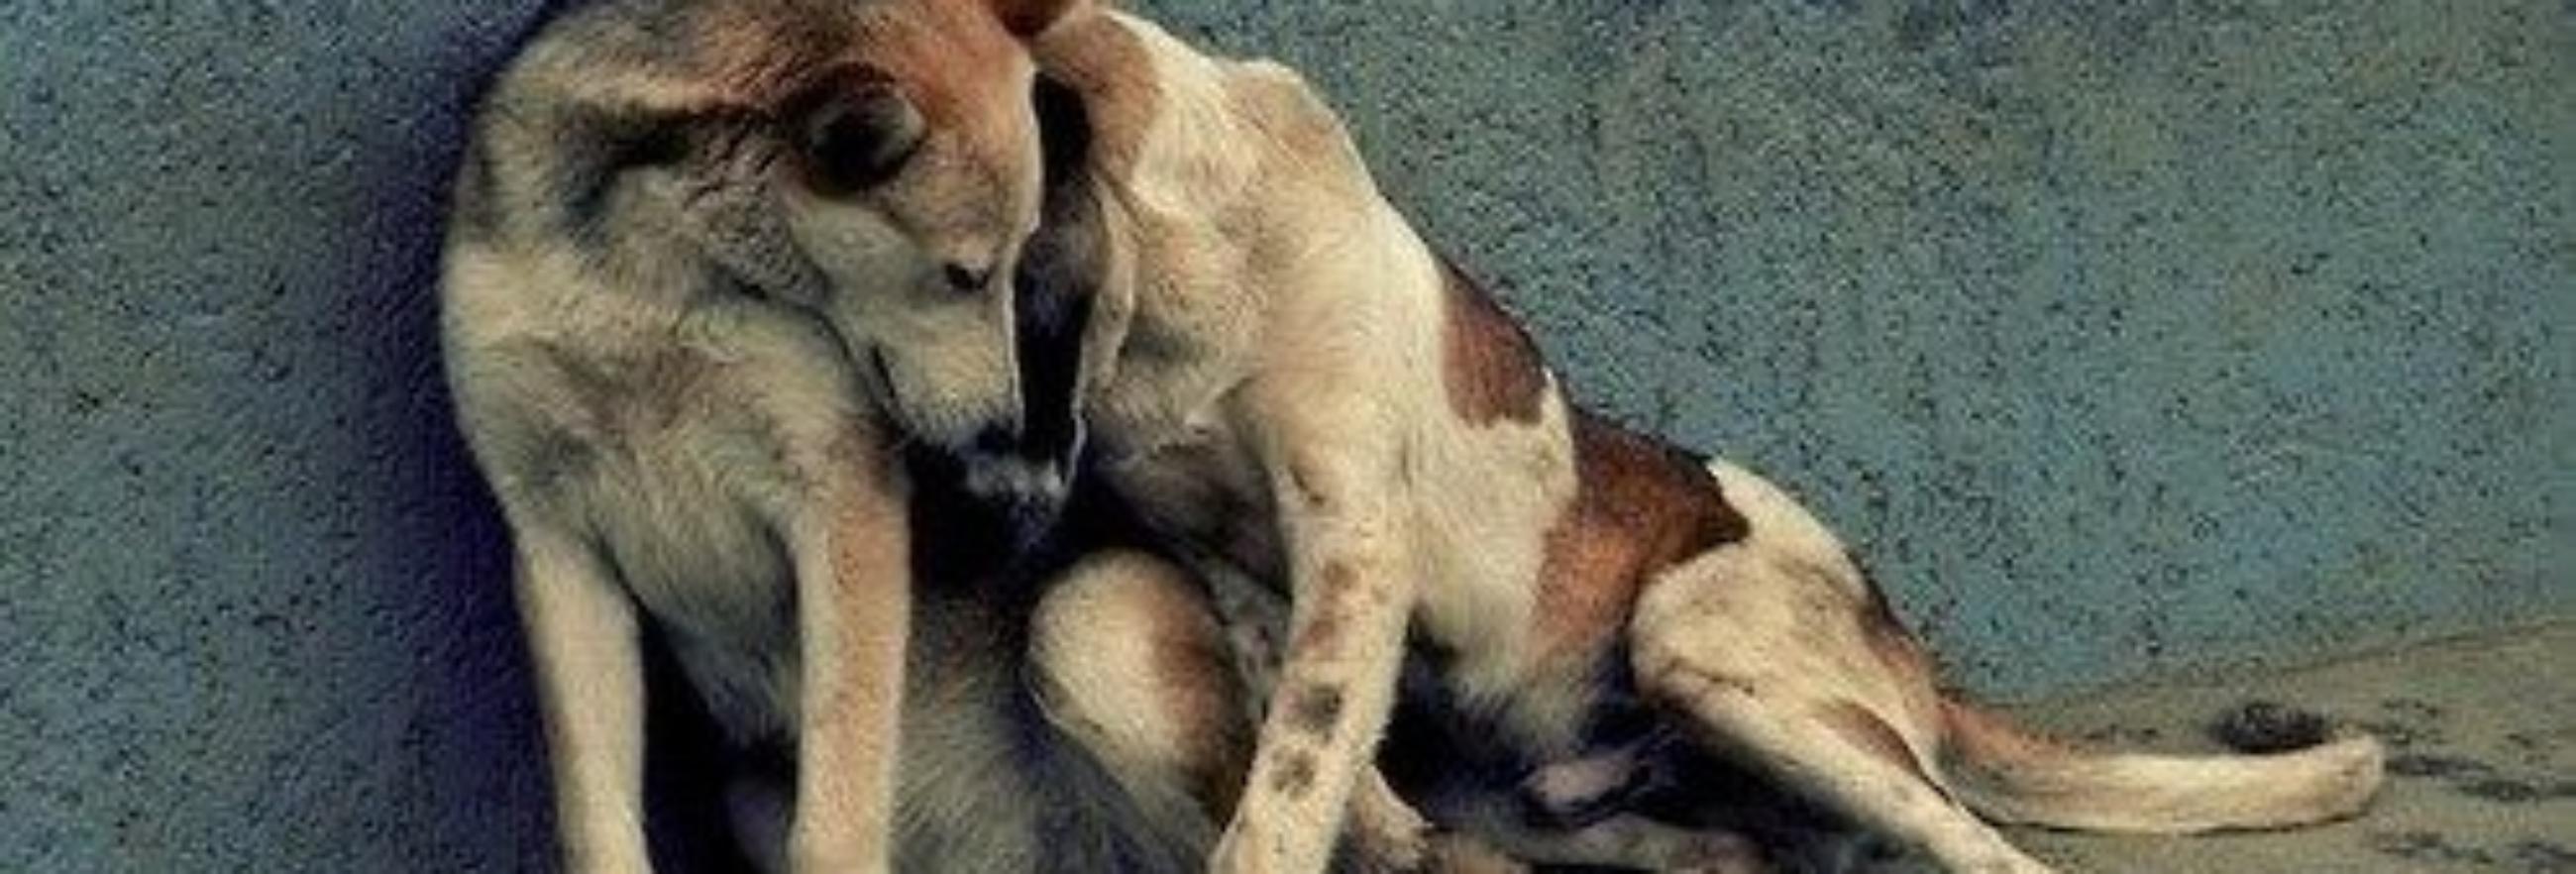 due cani stretti slide